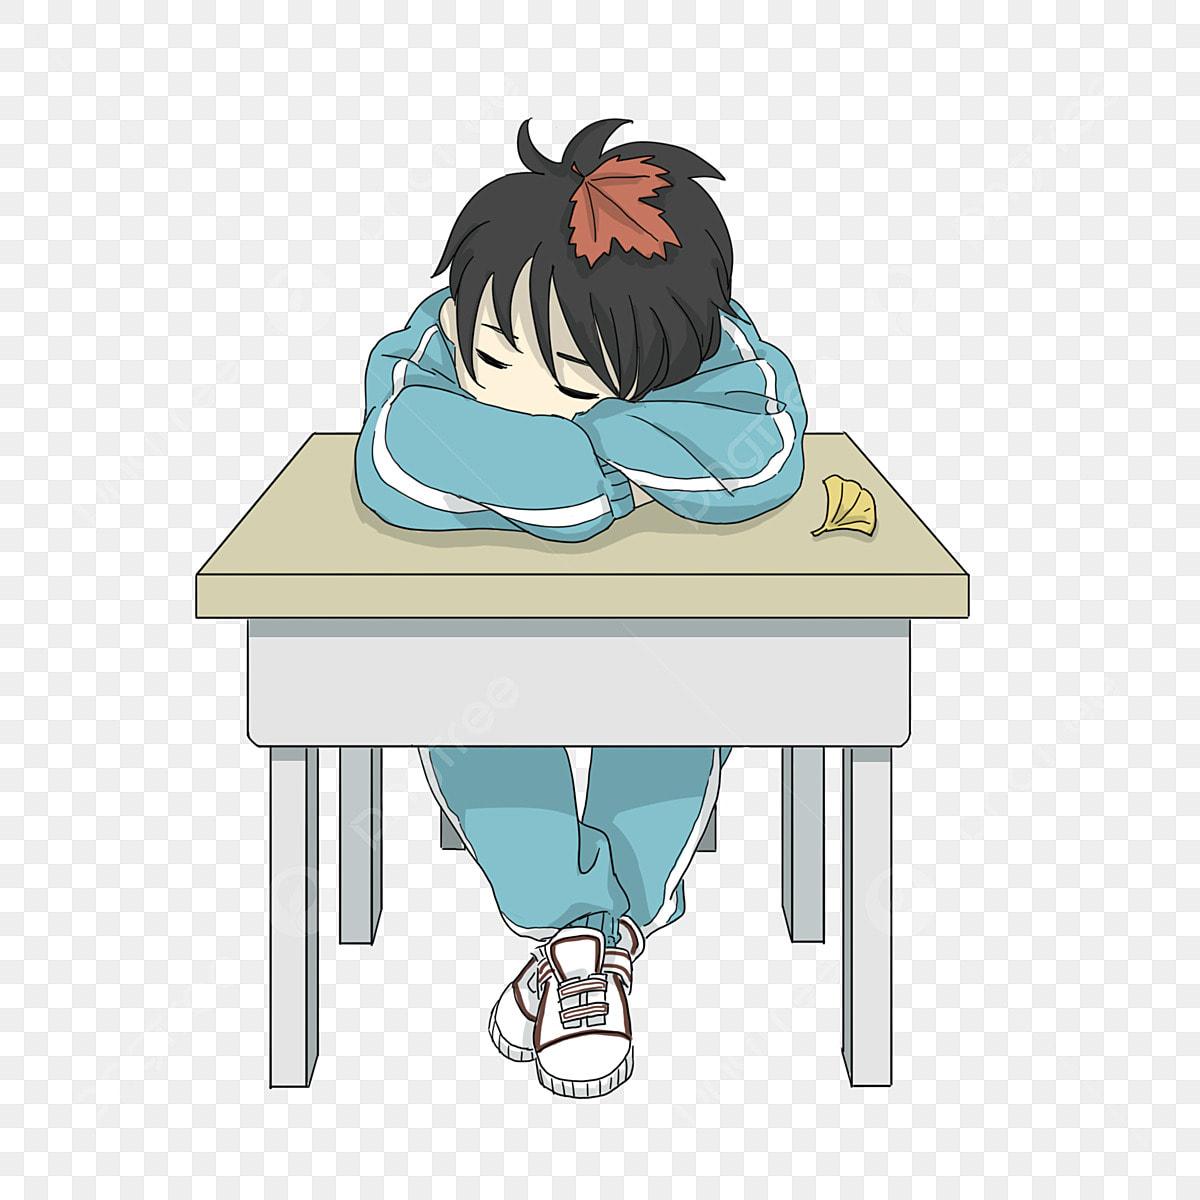 Картинка мальчик лежит на парте